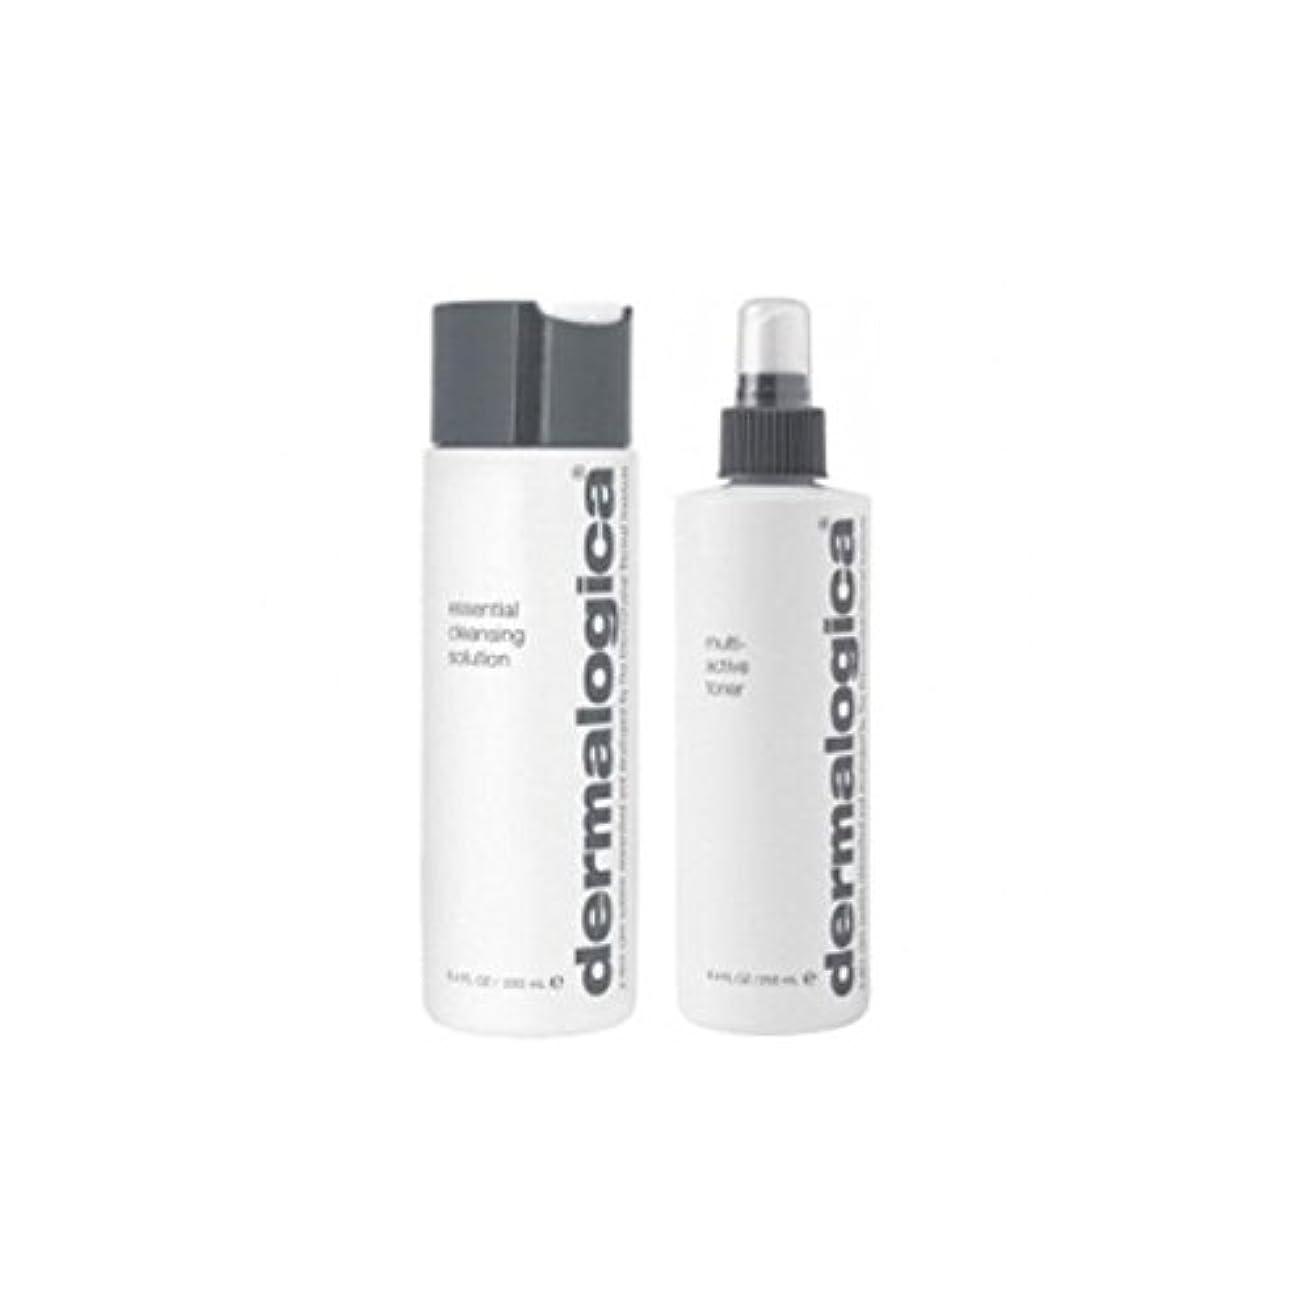 ケージしないおもちゃダーマロジカクレンジング&トーンデュオ - 乾燥肌 x4 - Dermalogica Cleanse & Tone Duo - Dry Skin (Pack of 4) [並行輸入品]